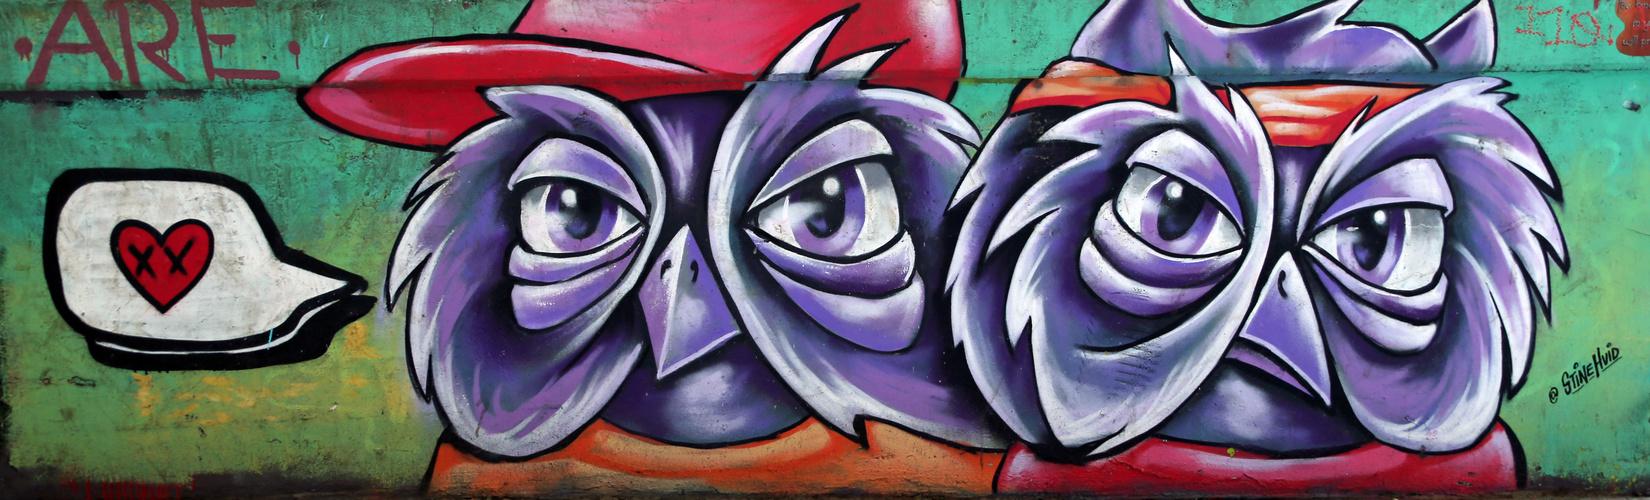 Graffiti - Kastel - -17-